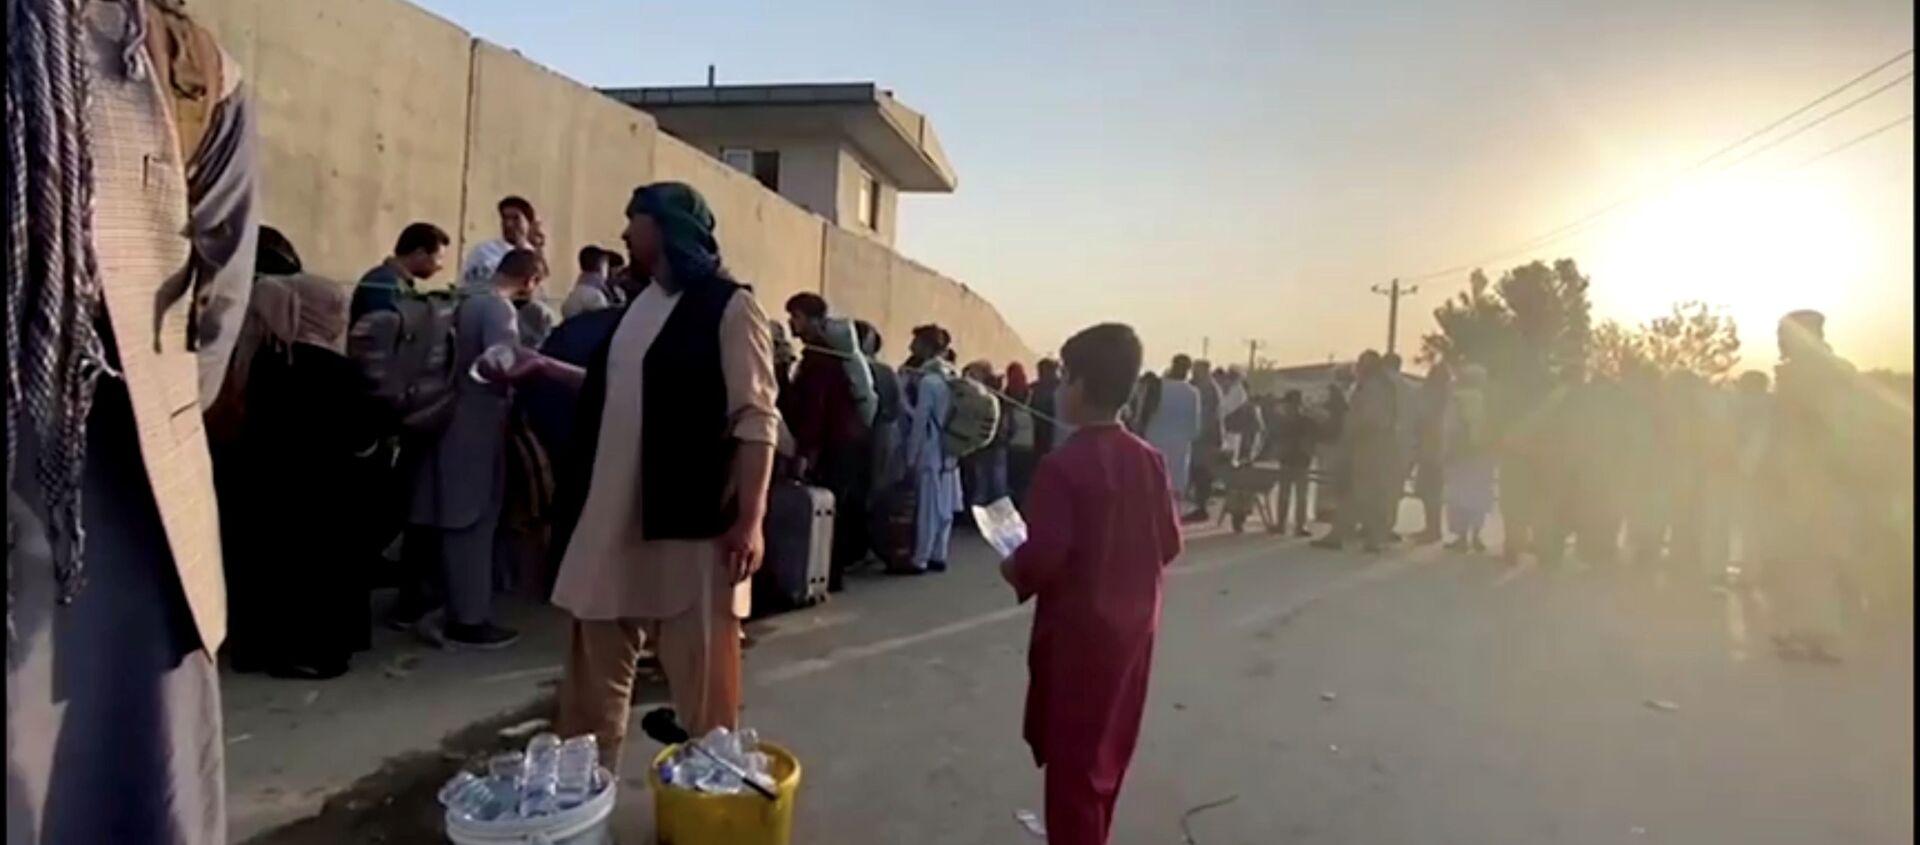 Une queue près de l'aéroport de Kaboul, le 22 août 2021 - Sputnik France, 1920, 24.08.2021